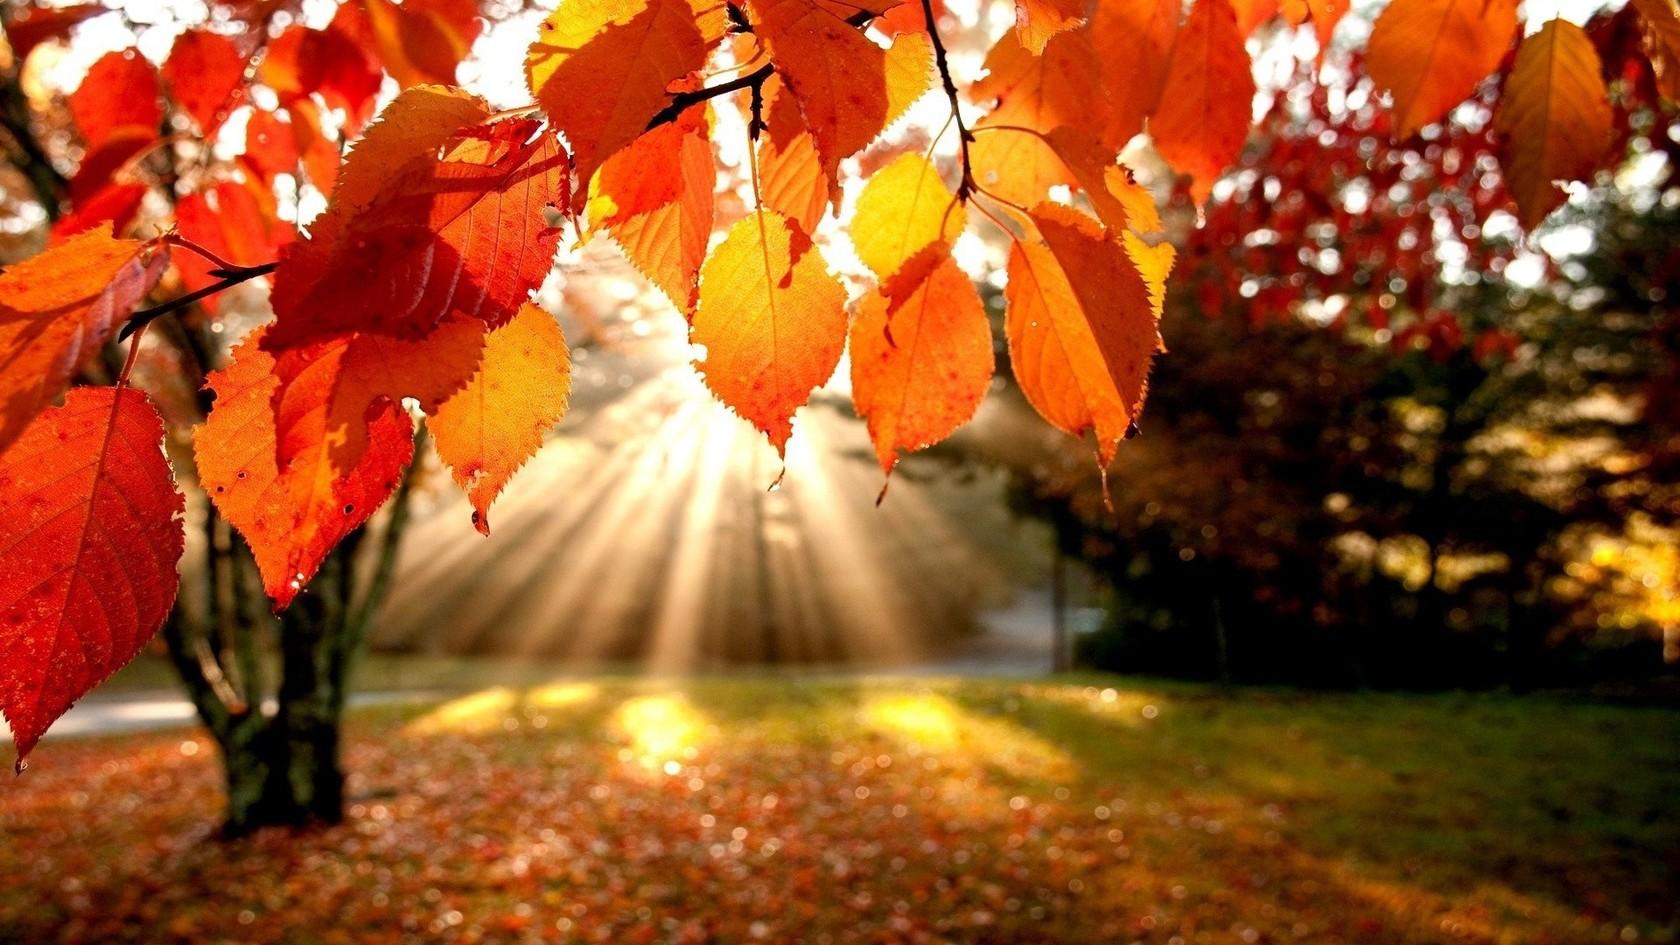 ayurveda, recetas otoño, recetas vegetarianas, recetas vata, sin colorantes, sincolorantes.com